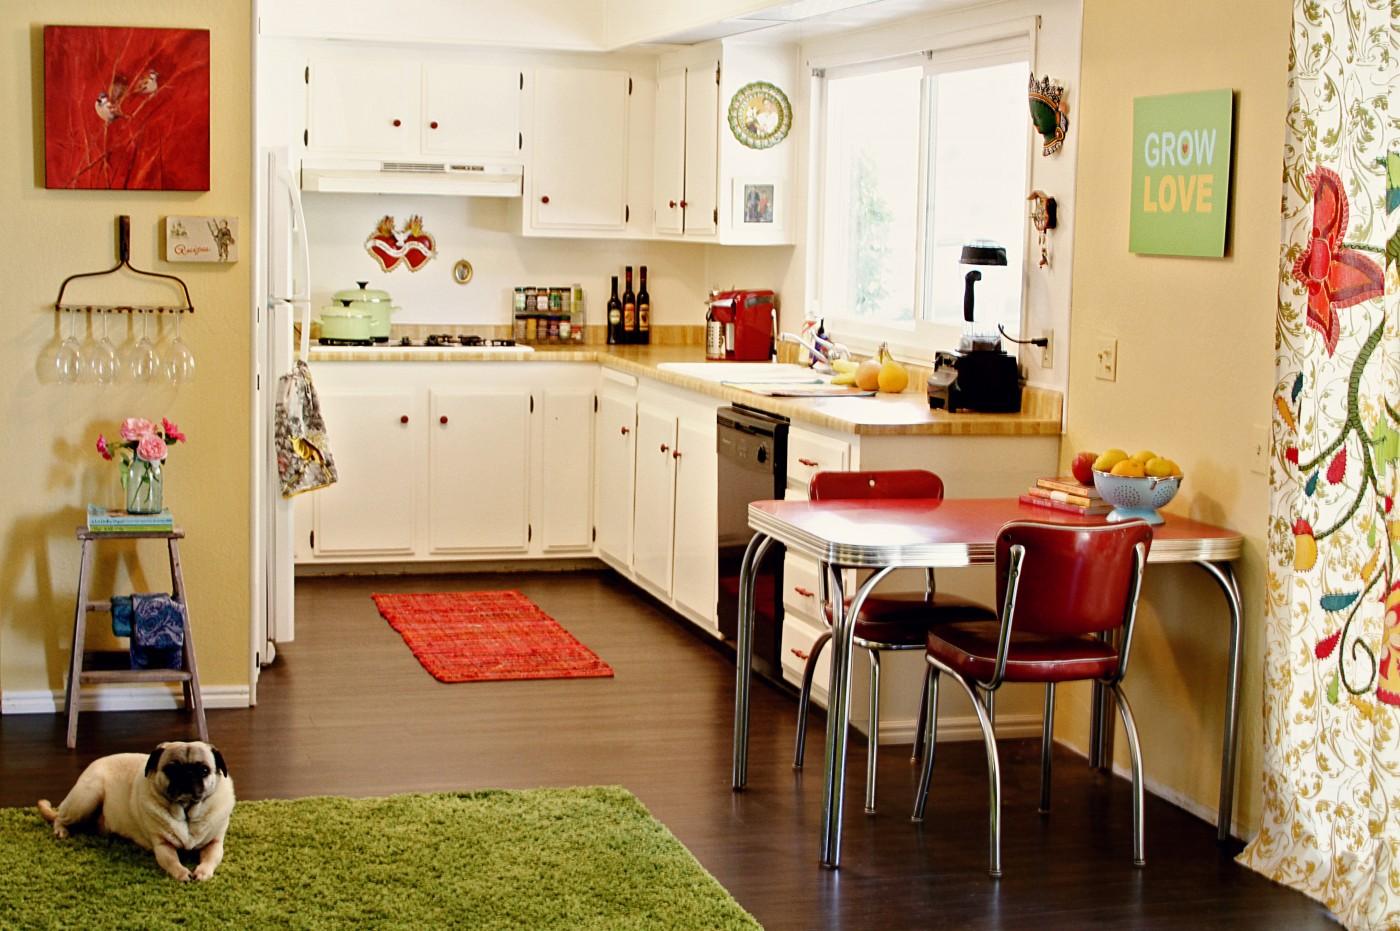 orange accent rug in kitchen